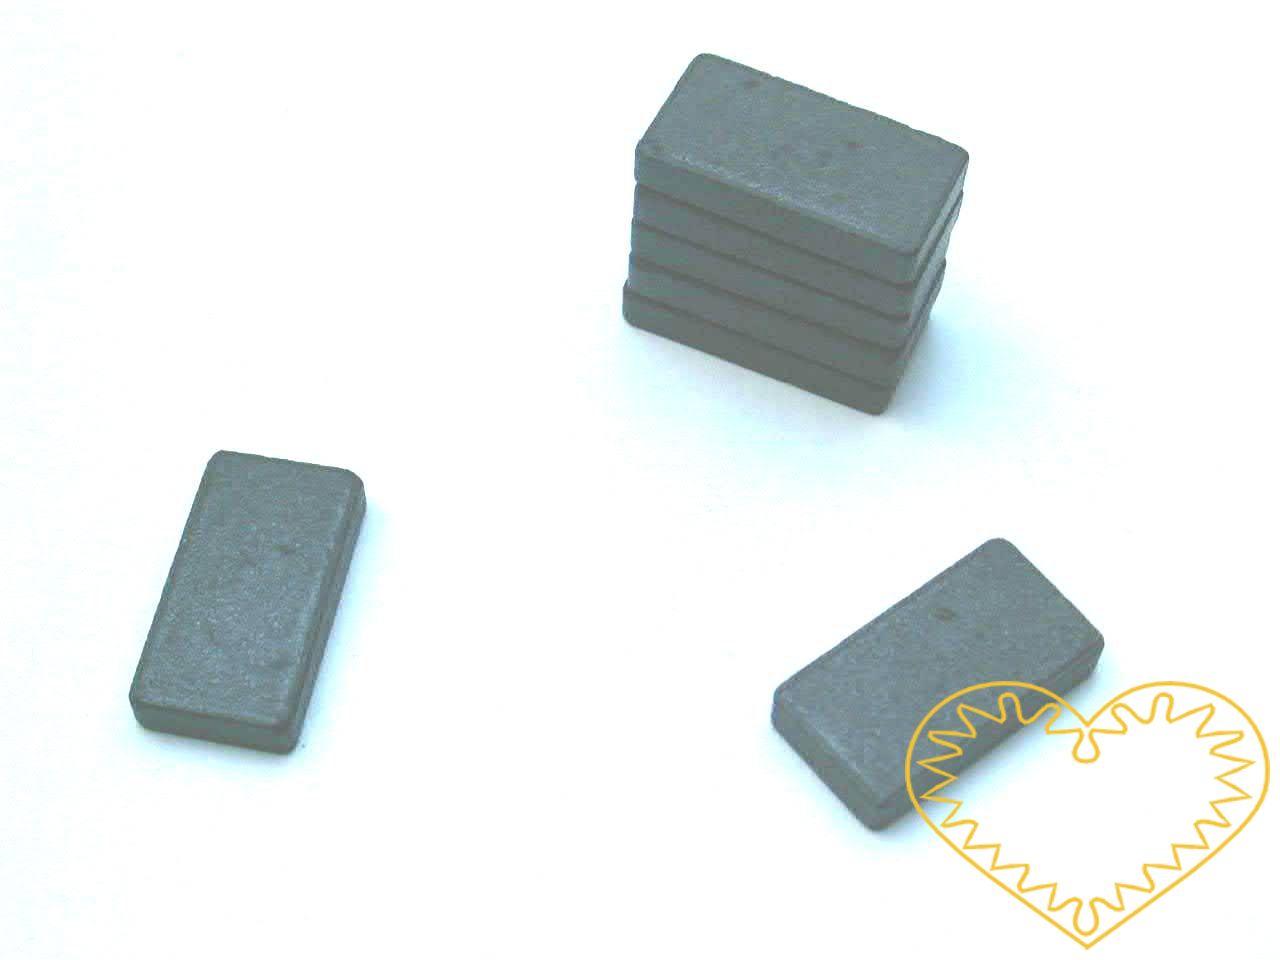 Magnet obdélný - 15 x 28 mm. Vhodné na magnetickou tabuli, nástěnku, flipchart či doma na lednici. Lze je využít jako základ pro tvorbu vlastních originálních magnetů.